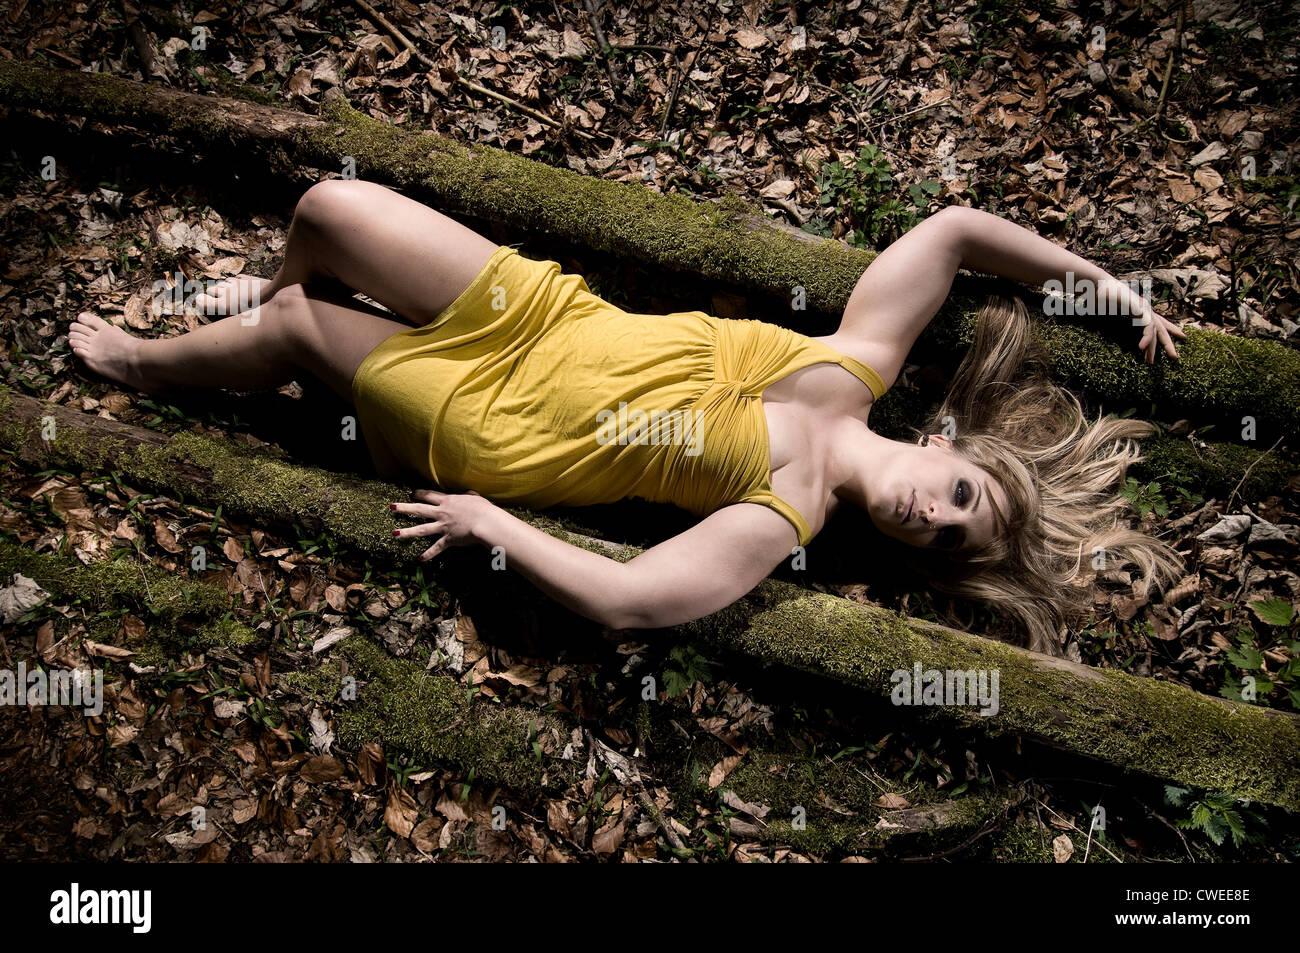 women nude dead body photo